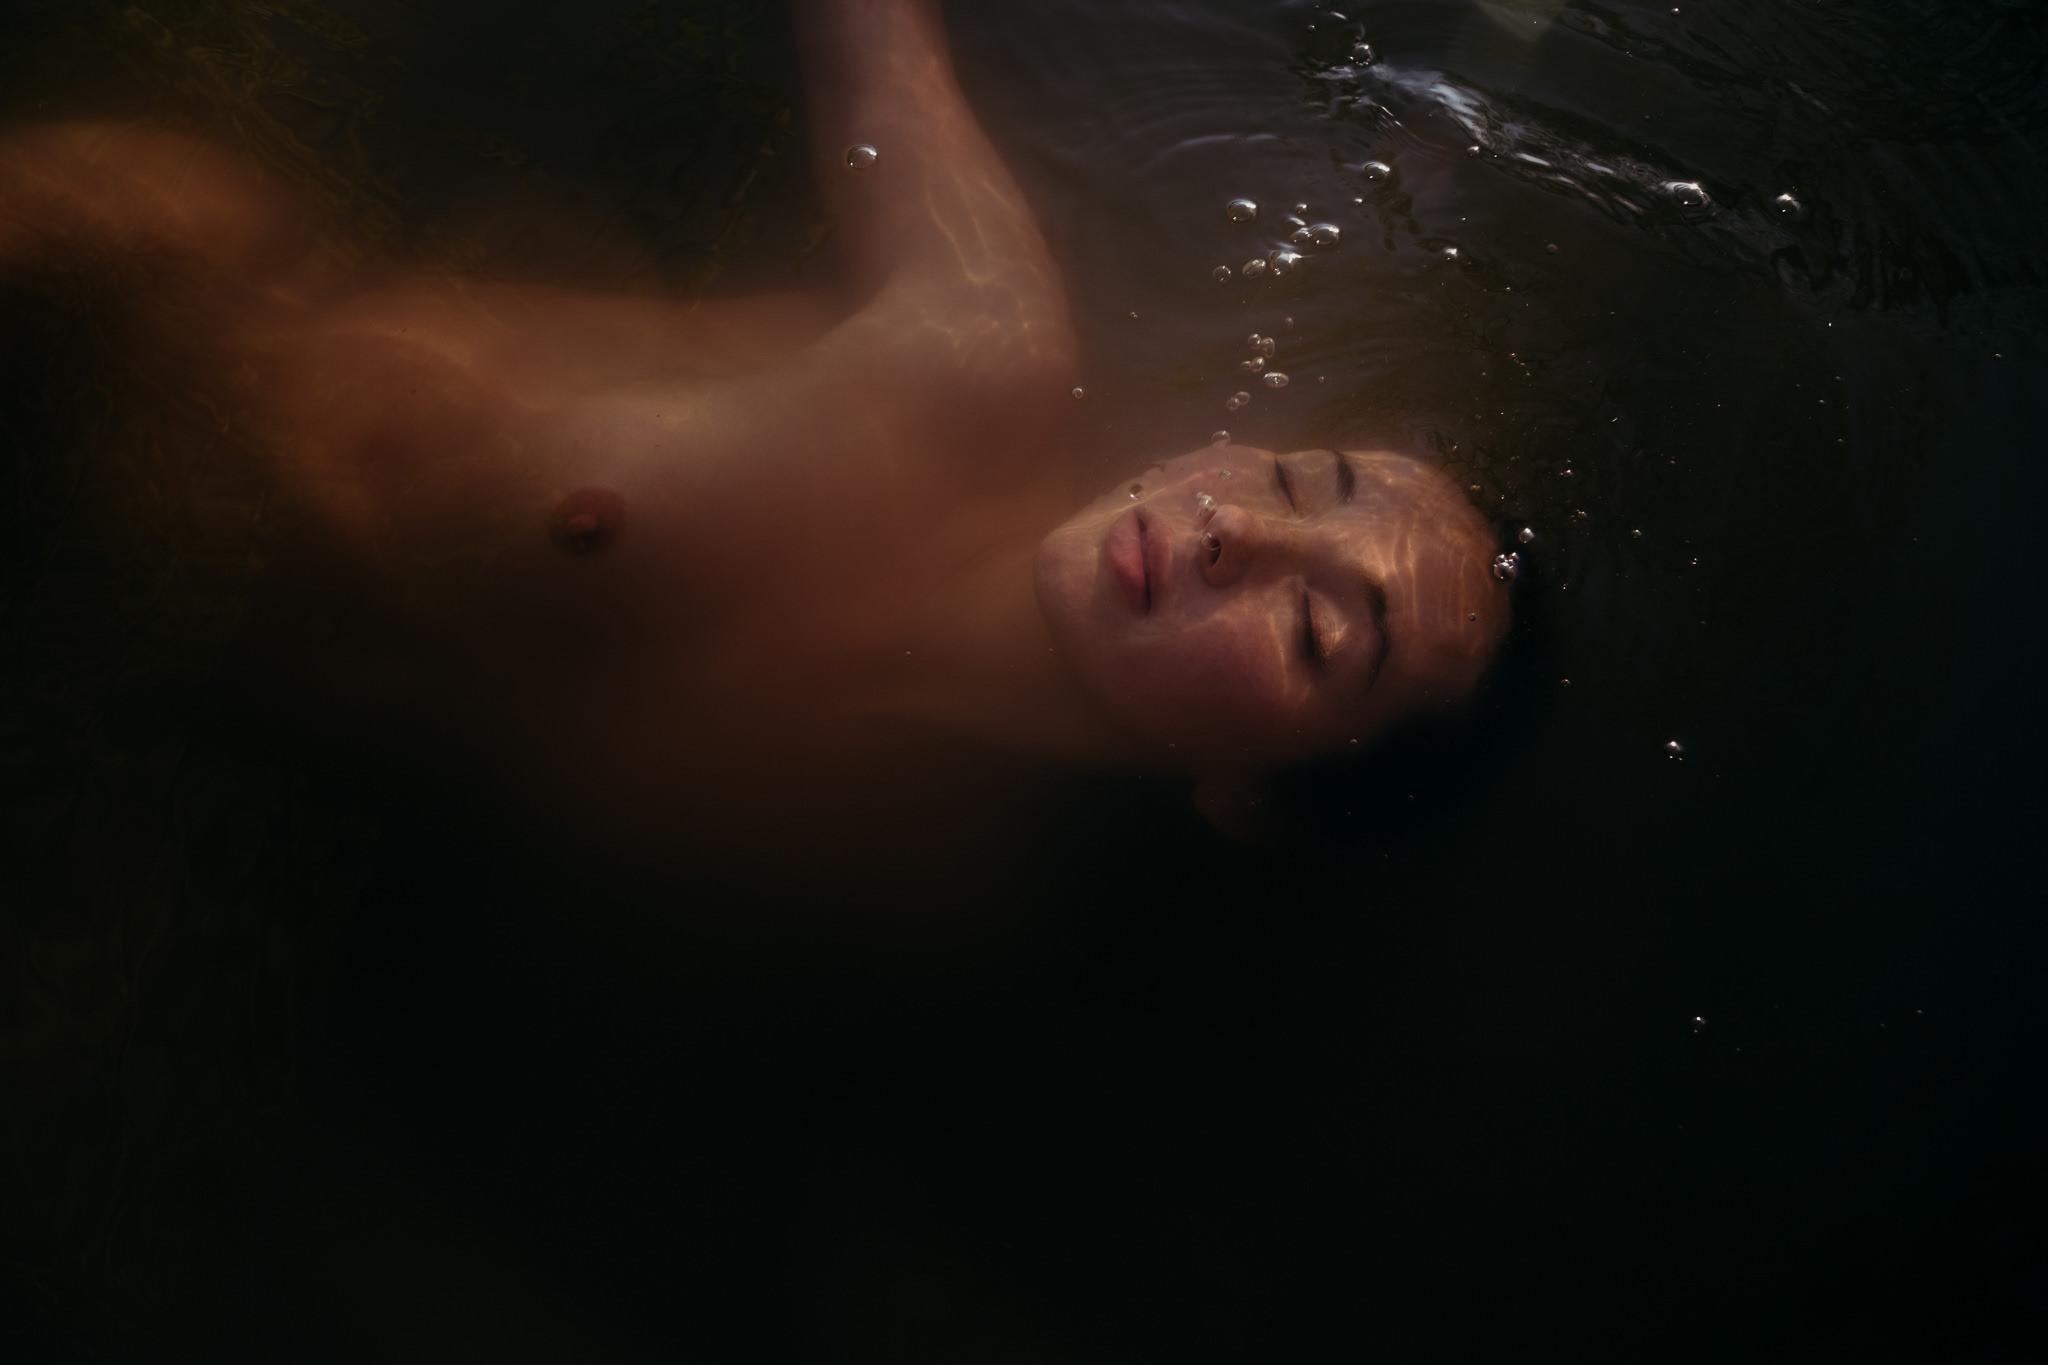 27-water-little-green-eyes-jessie-mccall-portland-melbourne-nevada-city-underwater.jpg